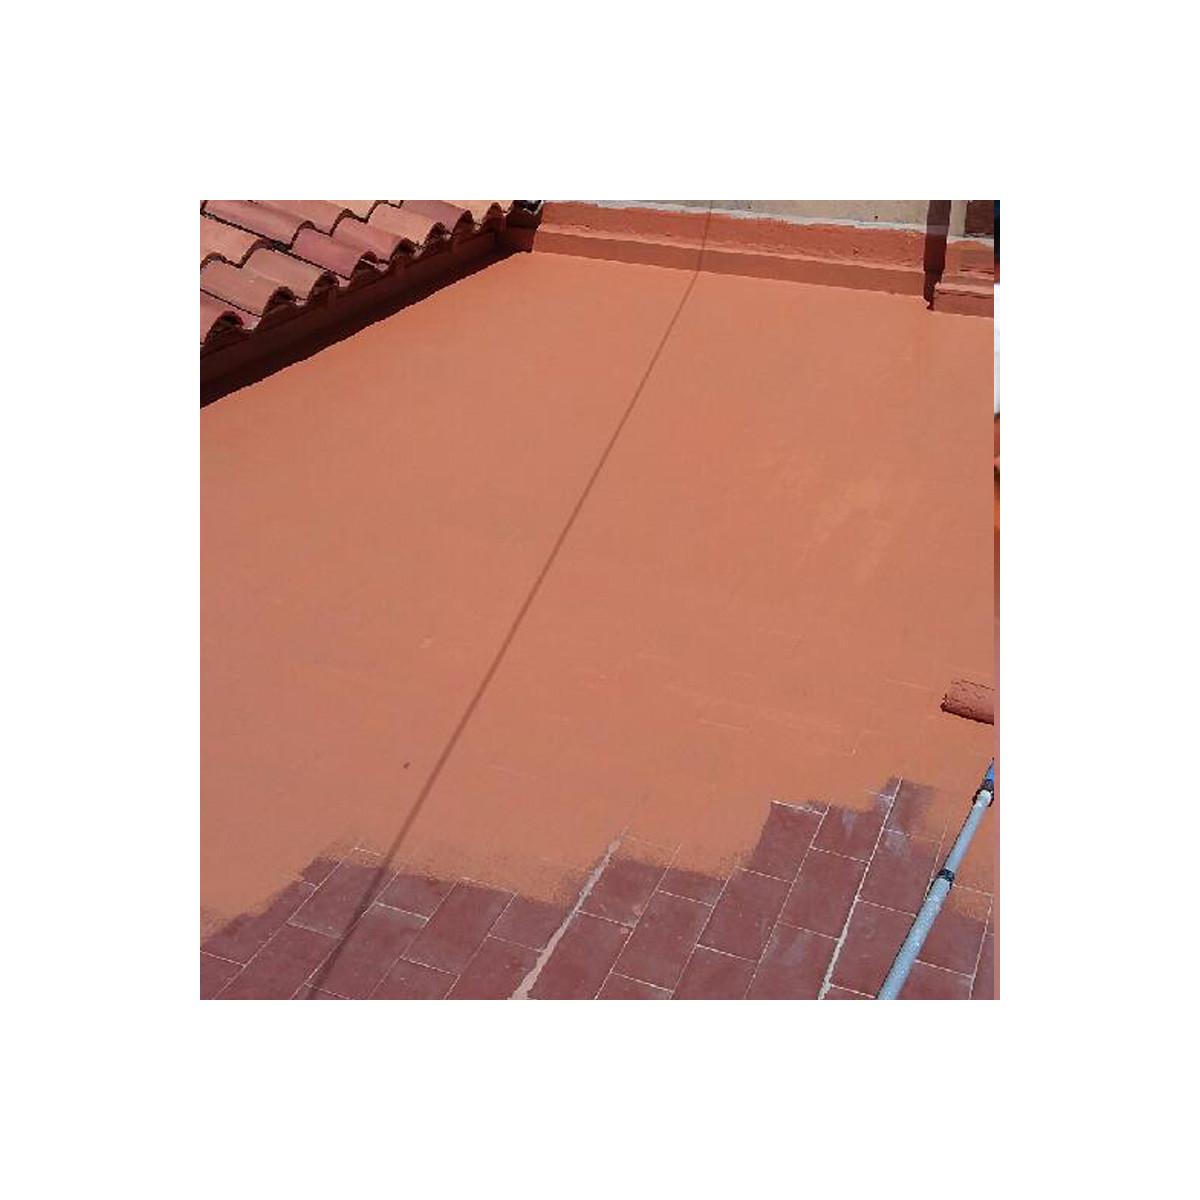 Peinture sol exterieur terrasse dalle terrasse for Peinture pour balcon exterieur